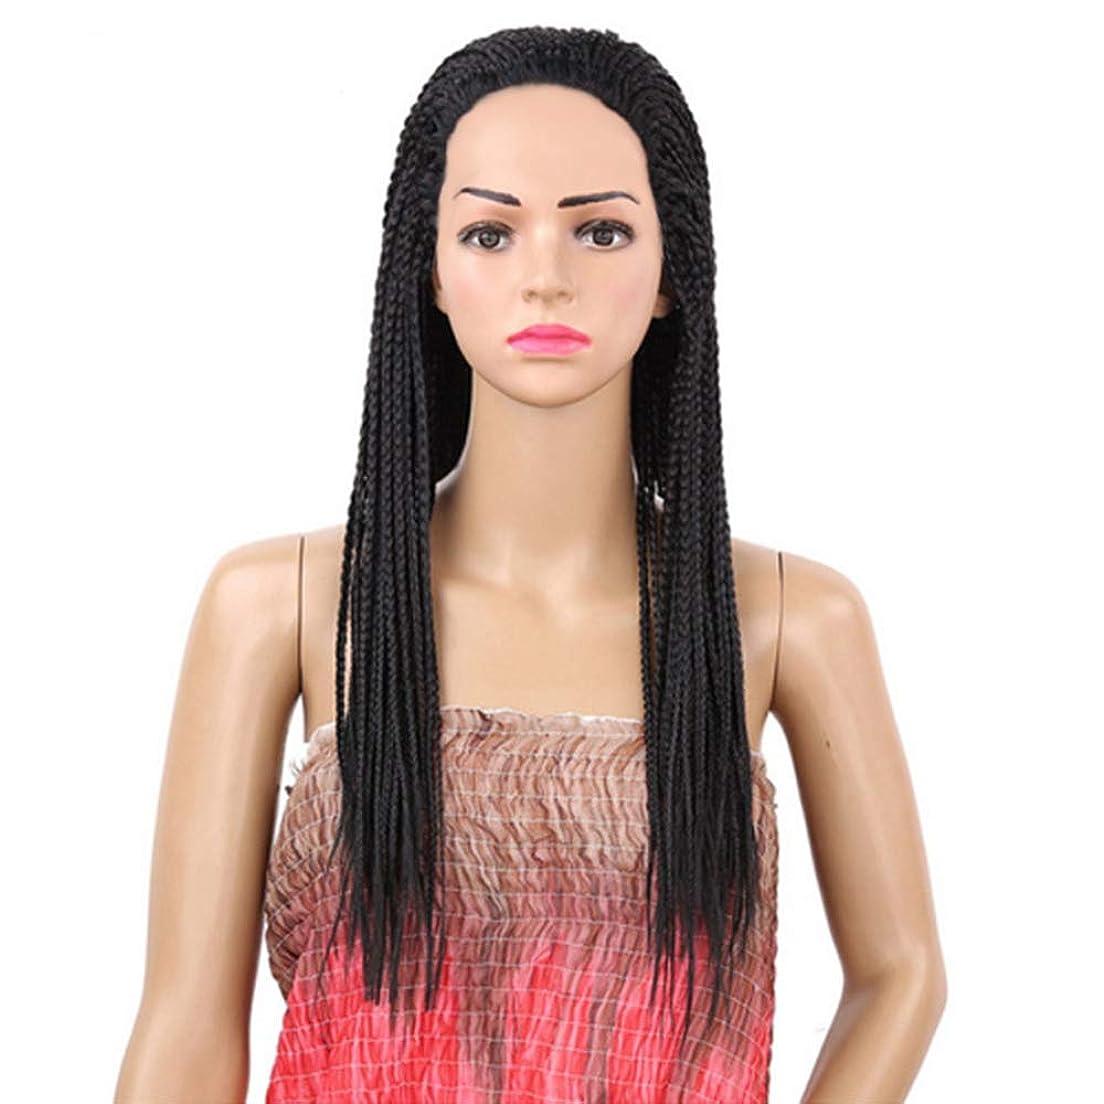 飛び込む避ける北へレースフロントウィッグ汚れた100%未処理のバージンヘアブラジル人のRemy人間の髪の毛ストレートヘアレースウィッグと赤ちゃんの髪180%密度72 cm